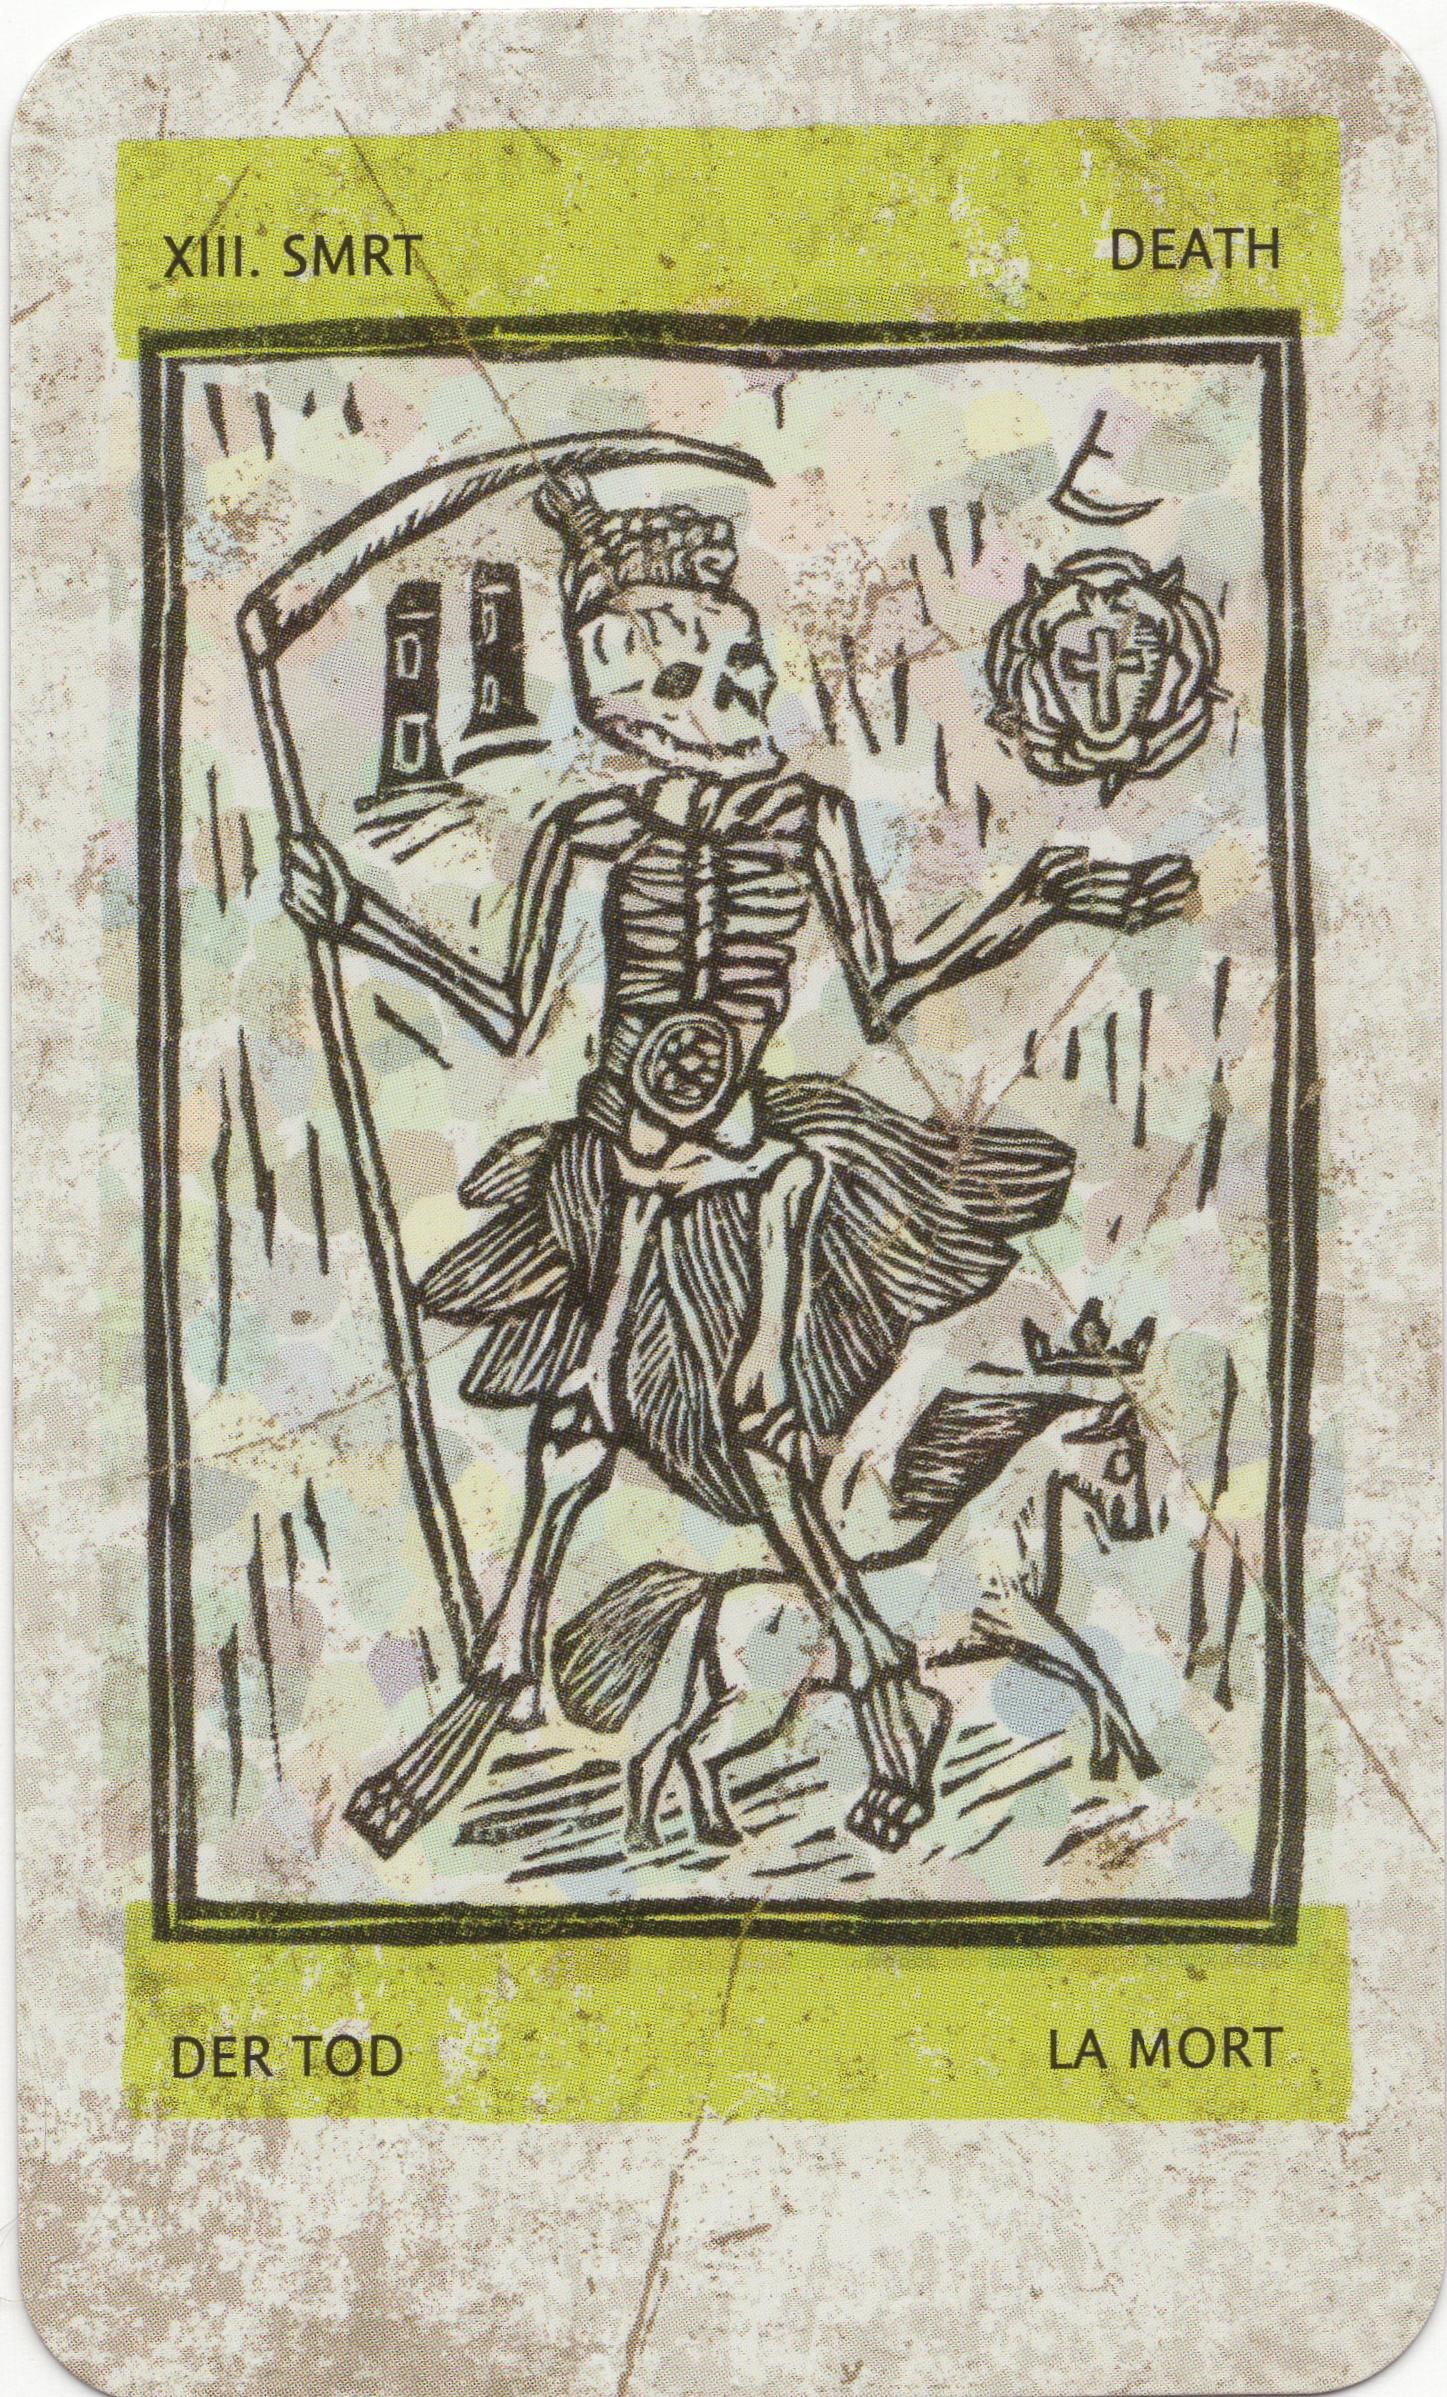 OriginalCzech_Death.jpg